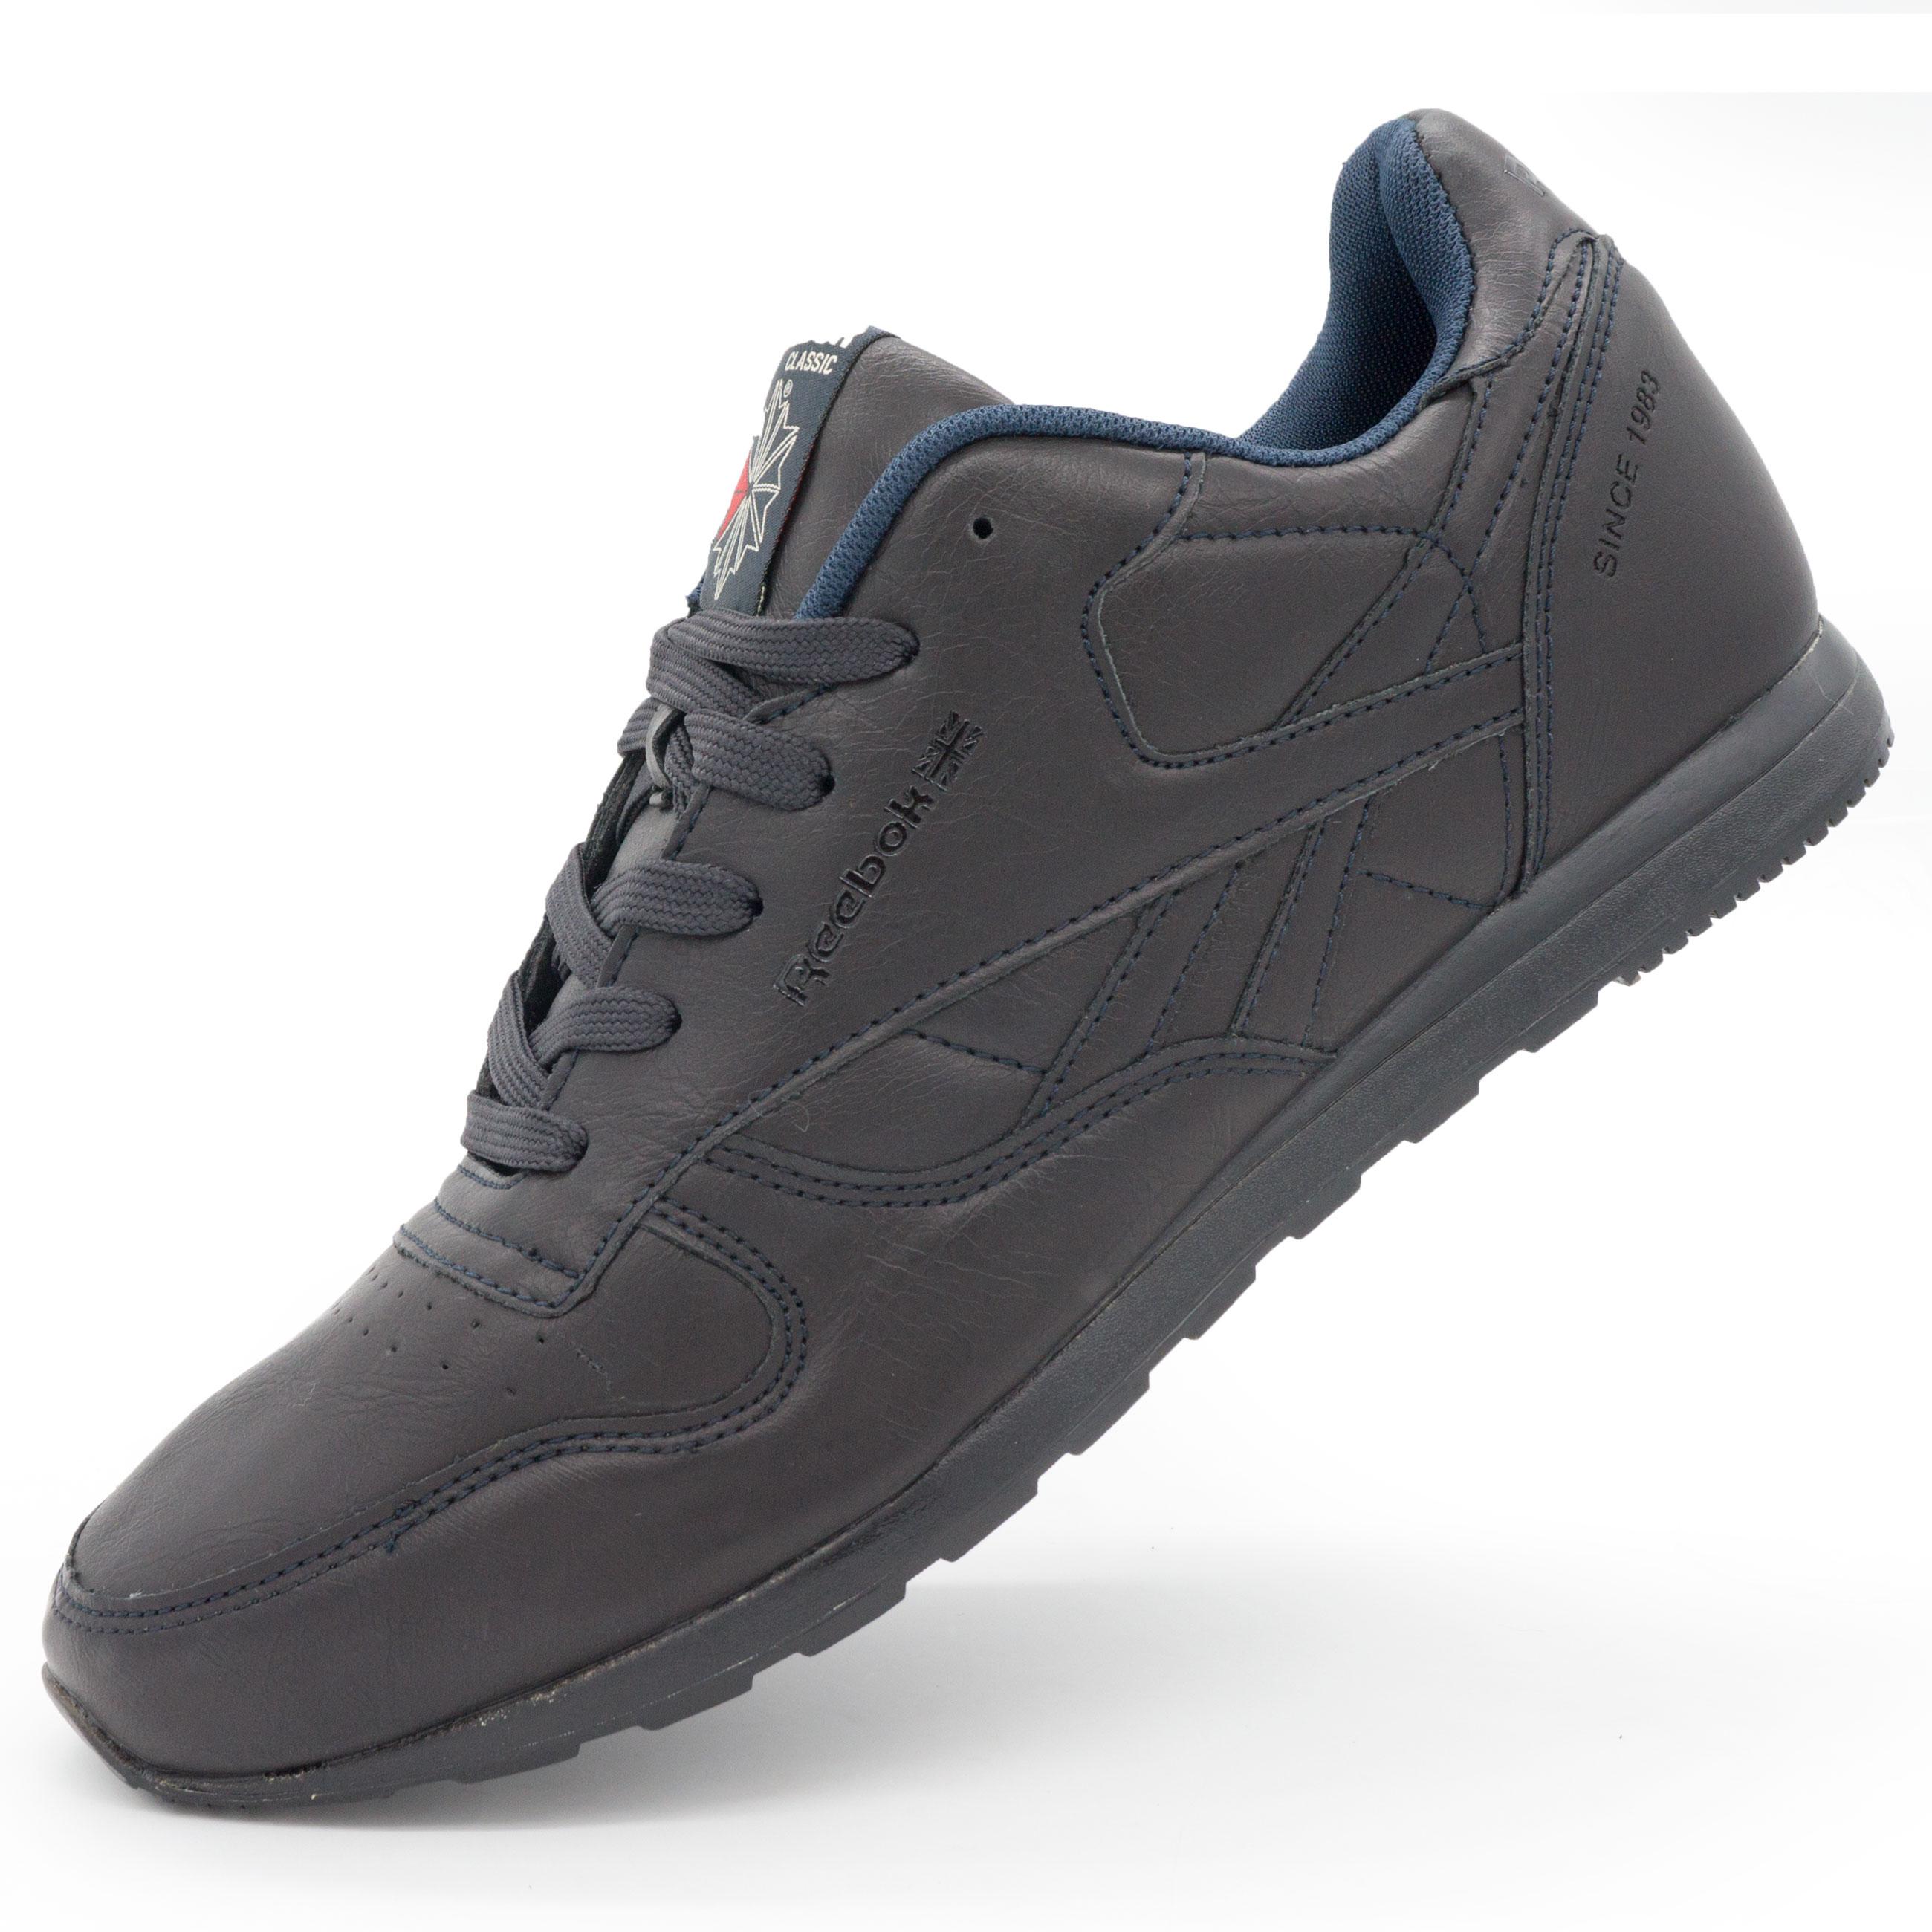 фото main Мужские кожаные кроссовки Reebok classic dark blue (Рибок класик темно синие, кожа) main